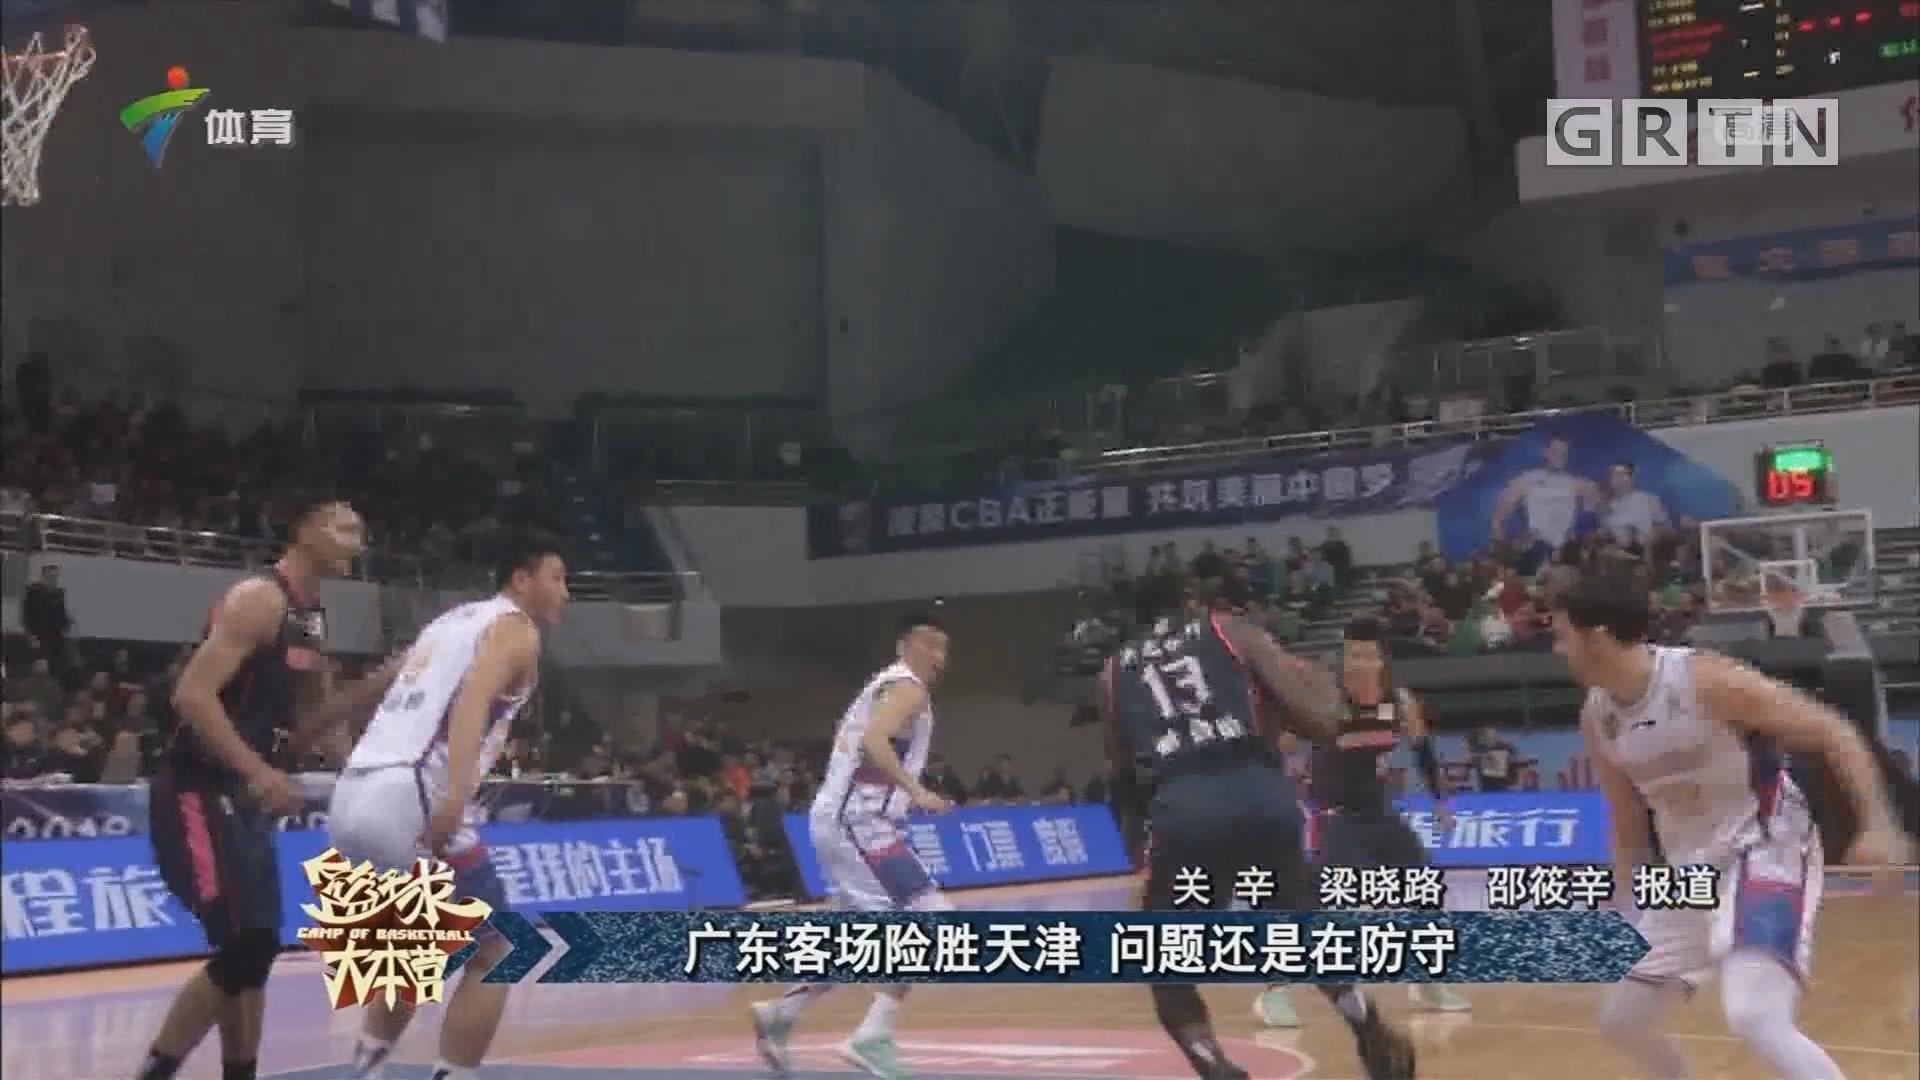 广东客场险胜天津 问题还是在防守